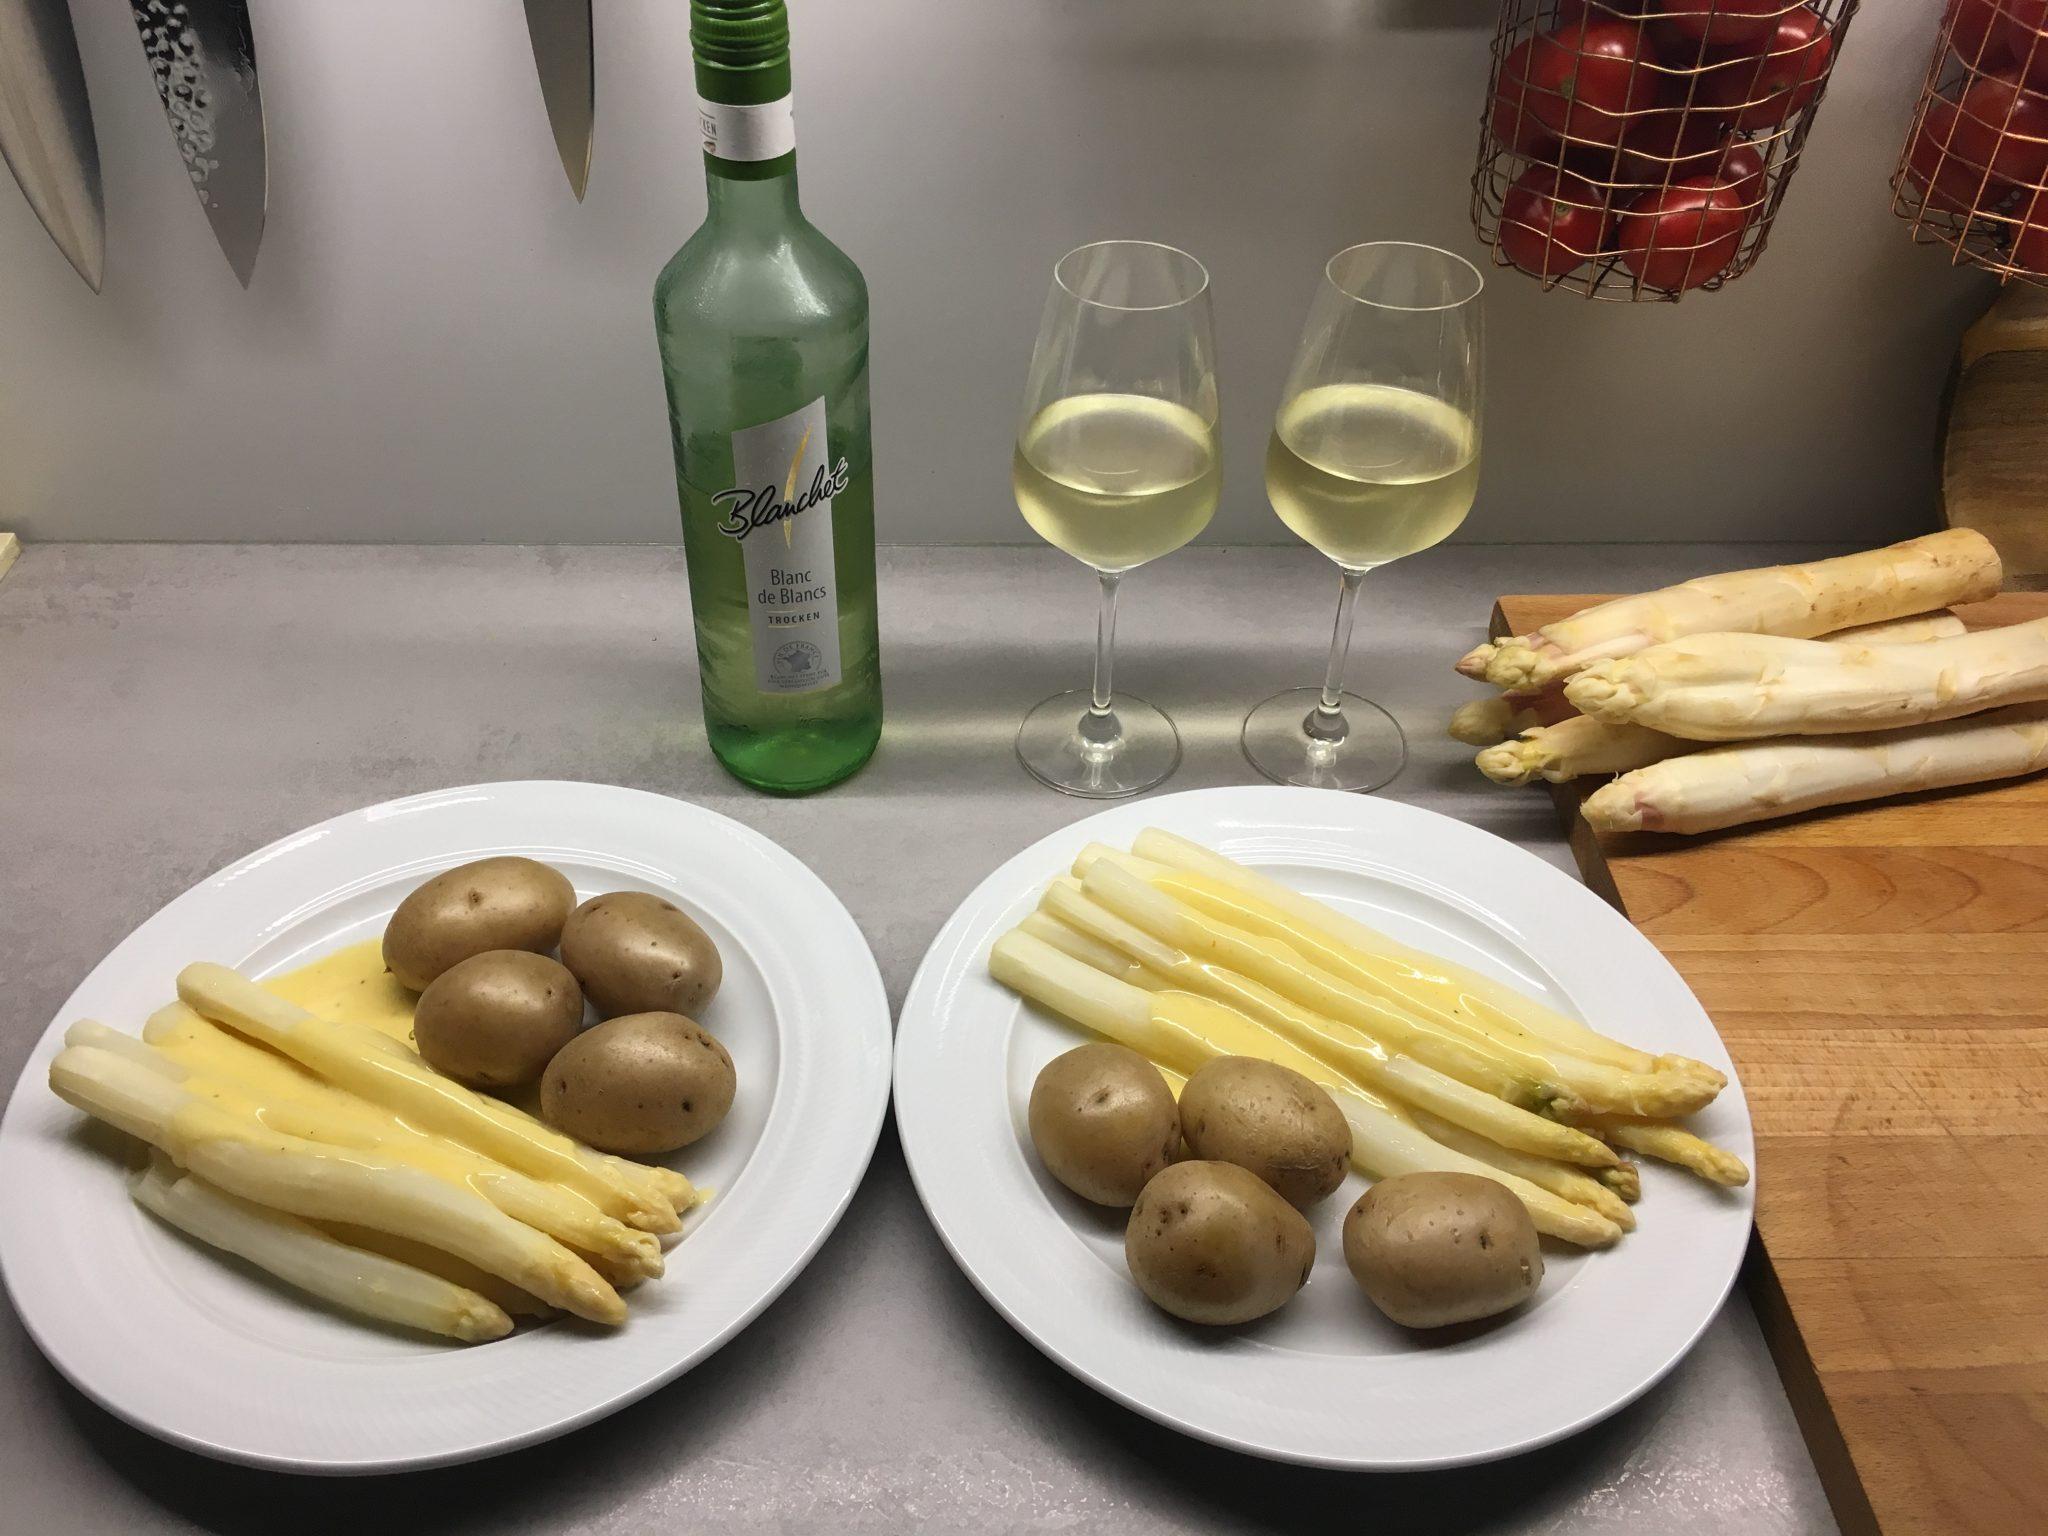 Spargel, Kartoffeln und Sauce Hollandaise und dazu ein Glas Blanchet